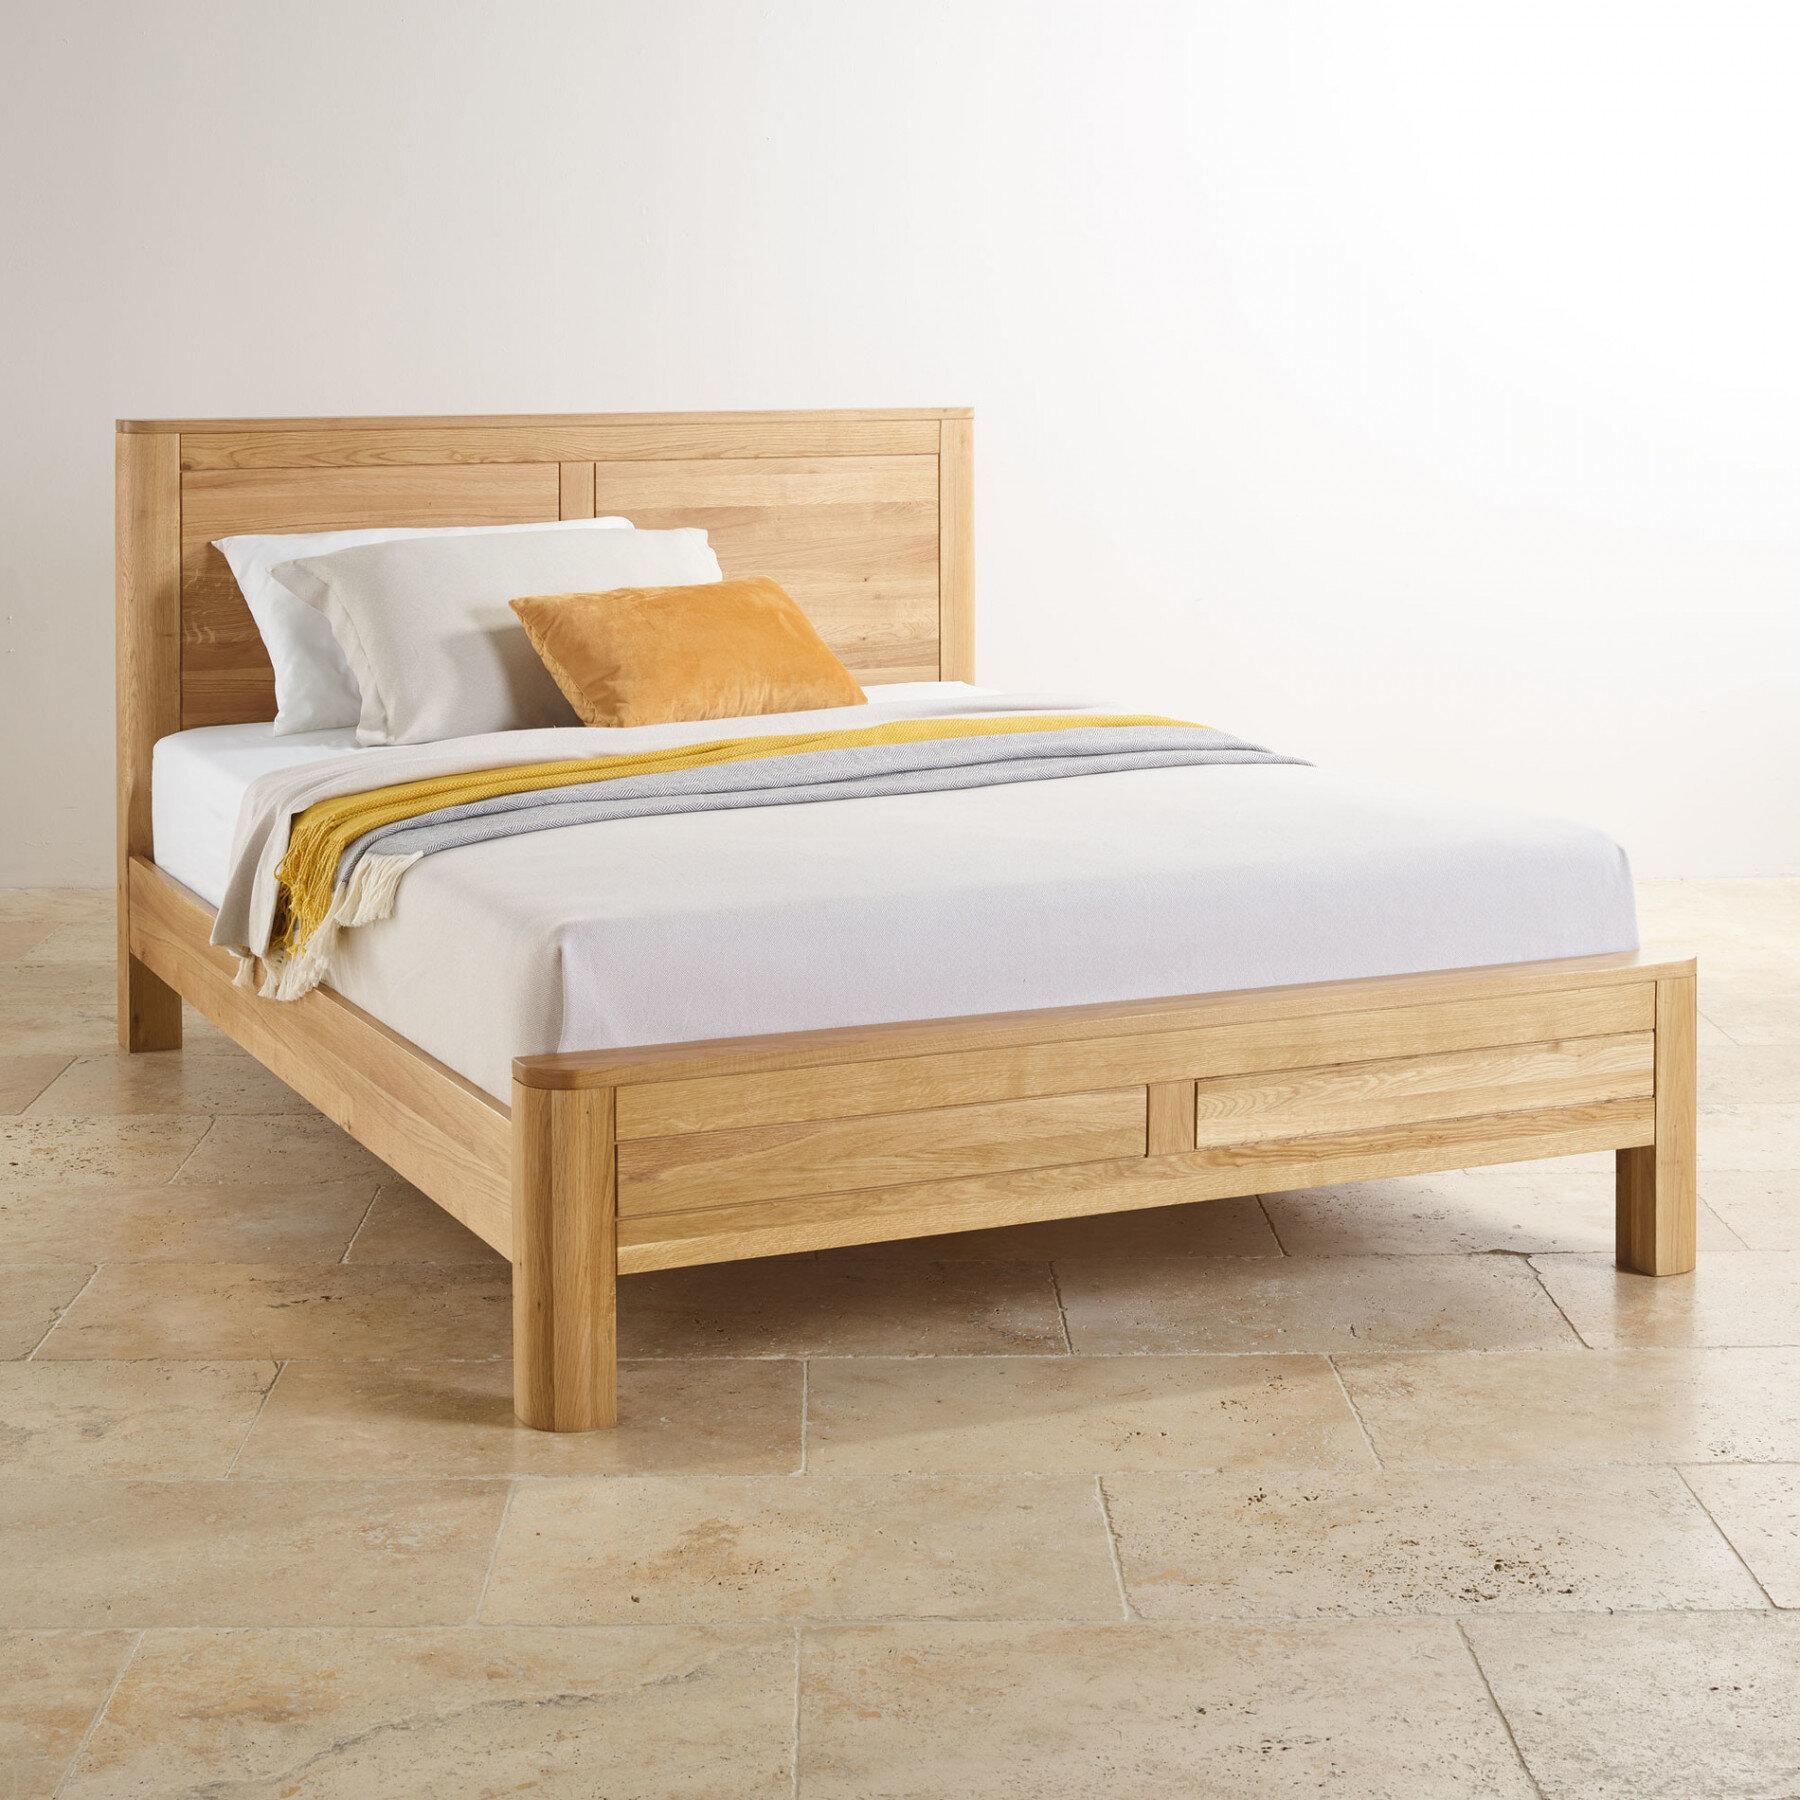 Chọn lựa giường đôi có kết cấu chắc chắn, pano tựa lưng vững chãi